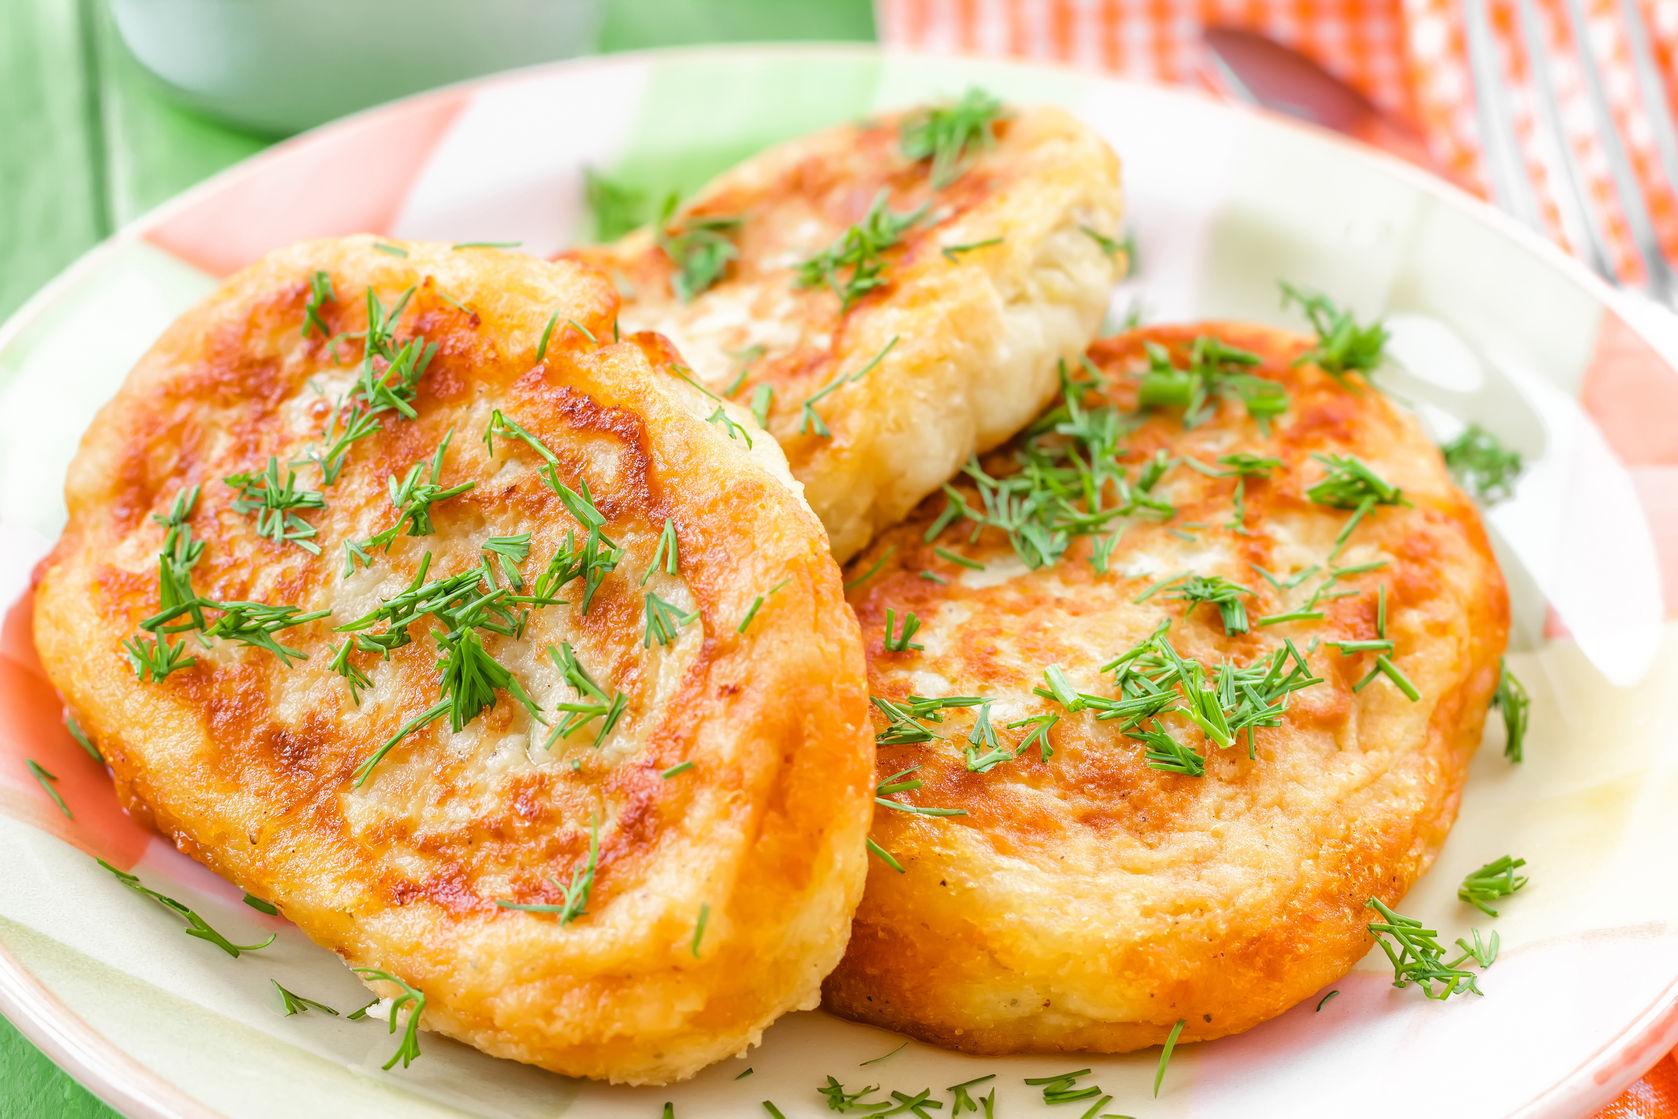 Szybki Obiad Najnowsze Informacje Wp Kuchnia